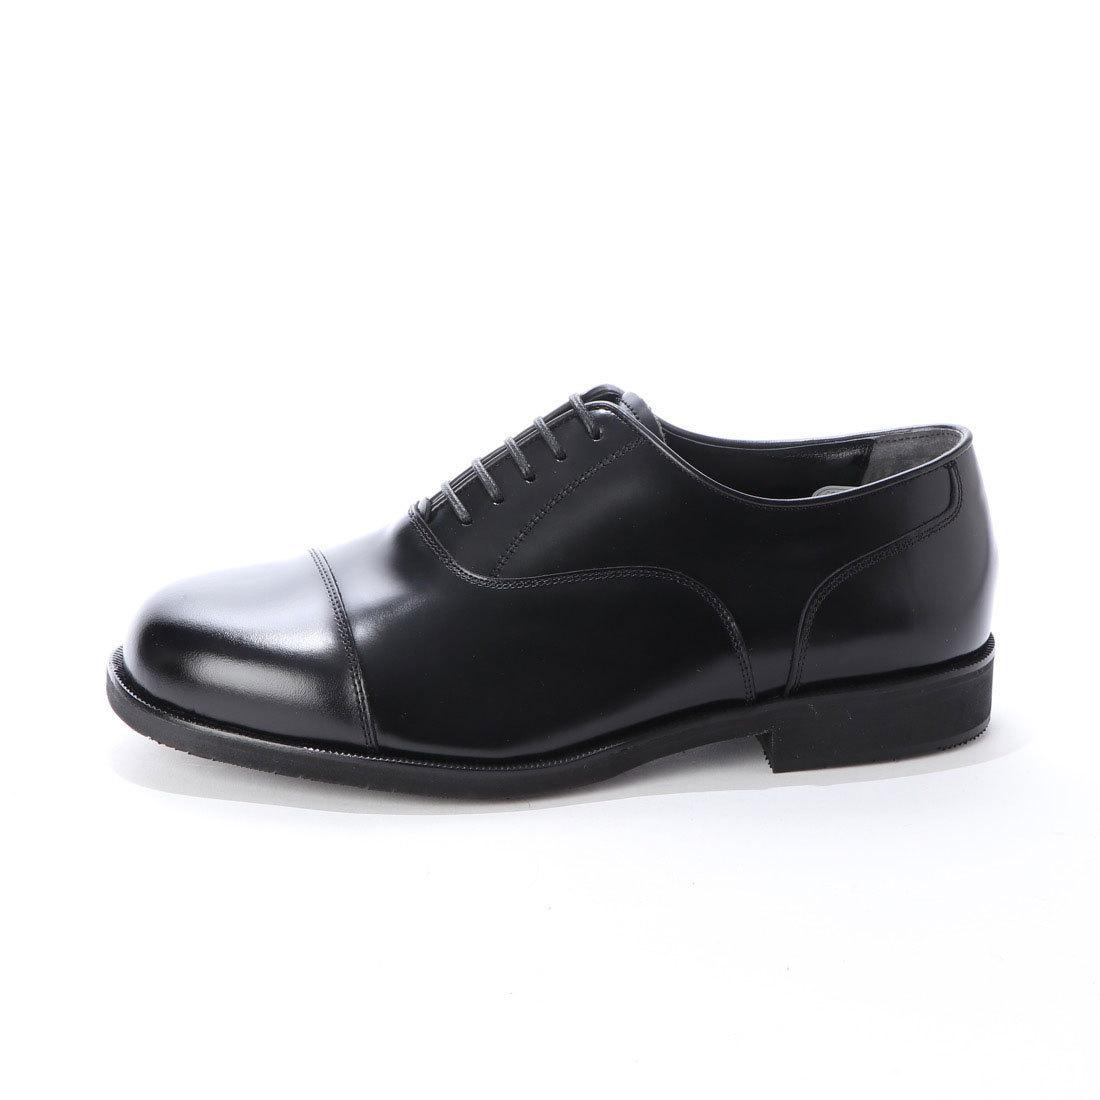 【大きいサイズ】【メンズ 】【超幅広】【激安】紳士靴 本革 甲高 6E G キングサイズ ビジネスシューズ ストレートチップ ブラック 27.0cm